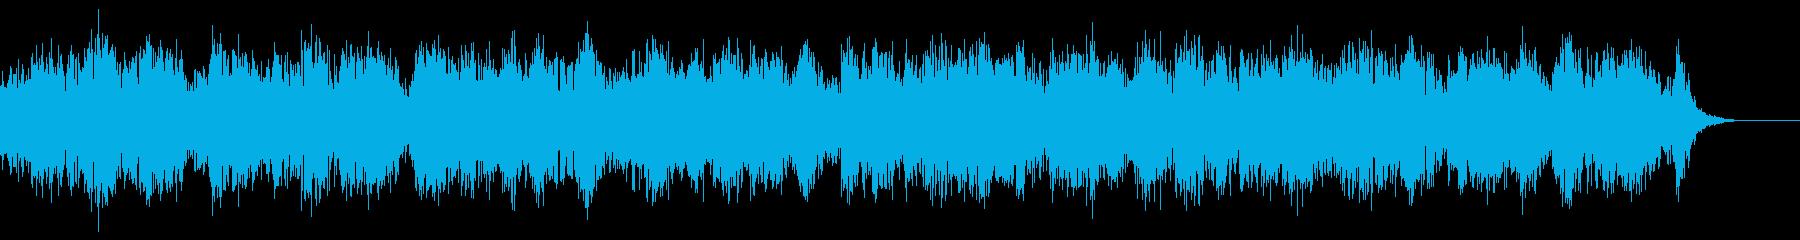 マシンガン、レールガンなどのイメージの再生済みの波形